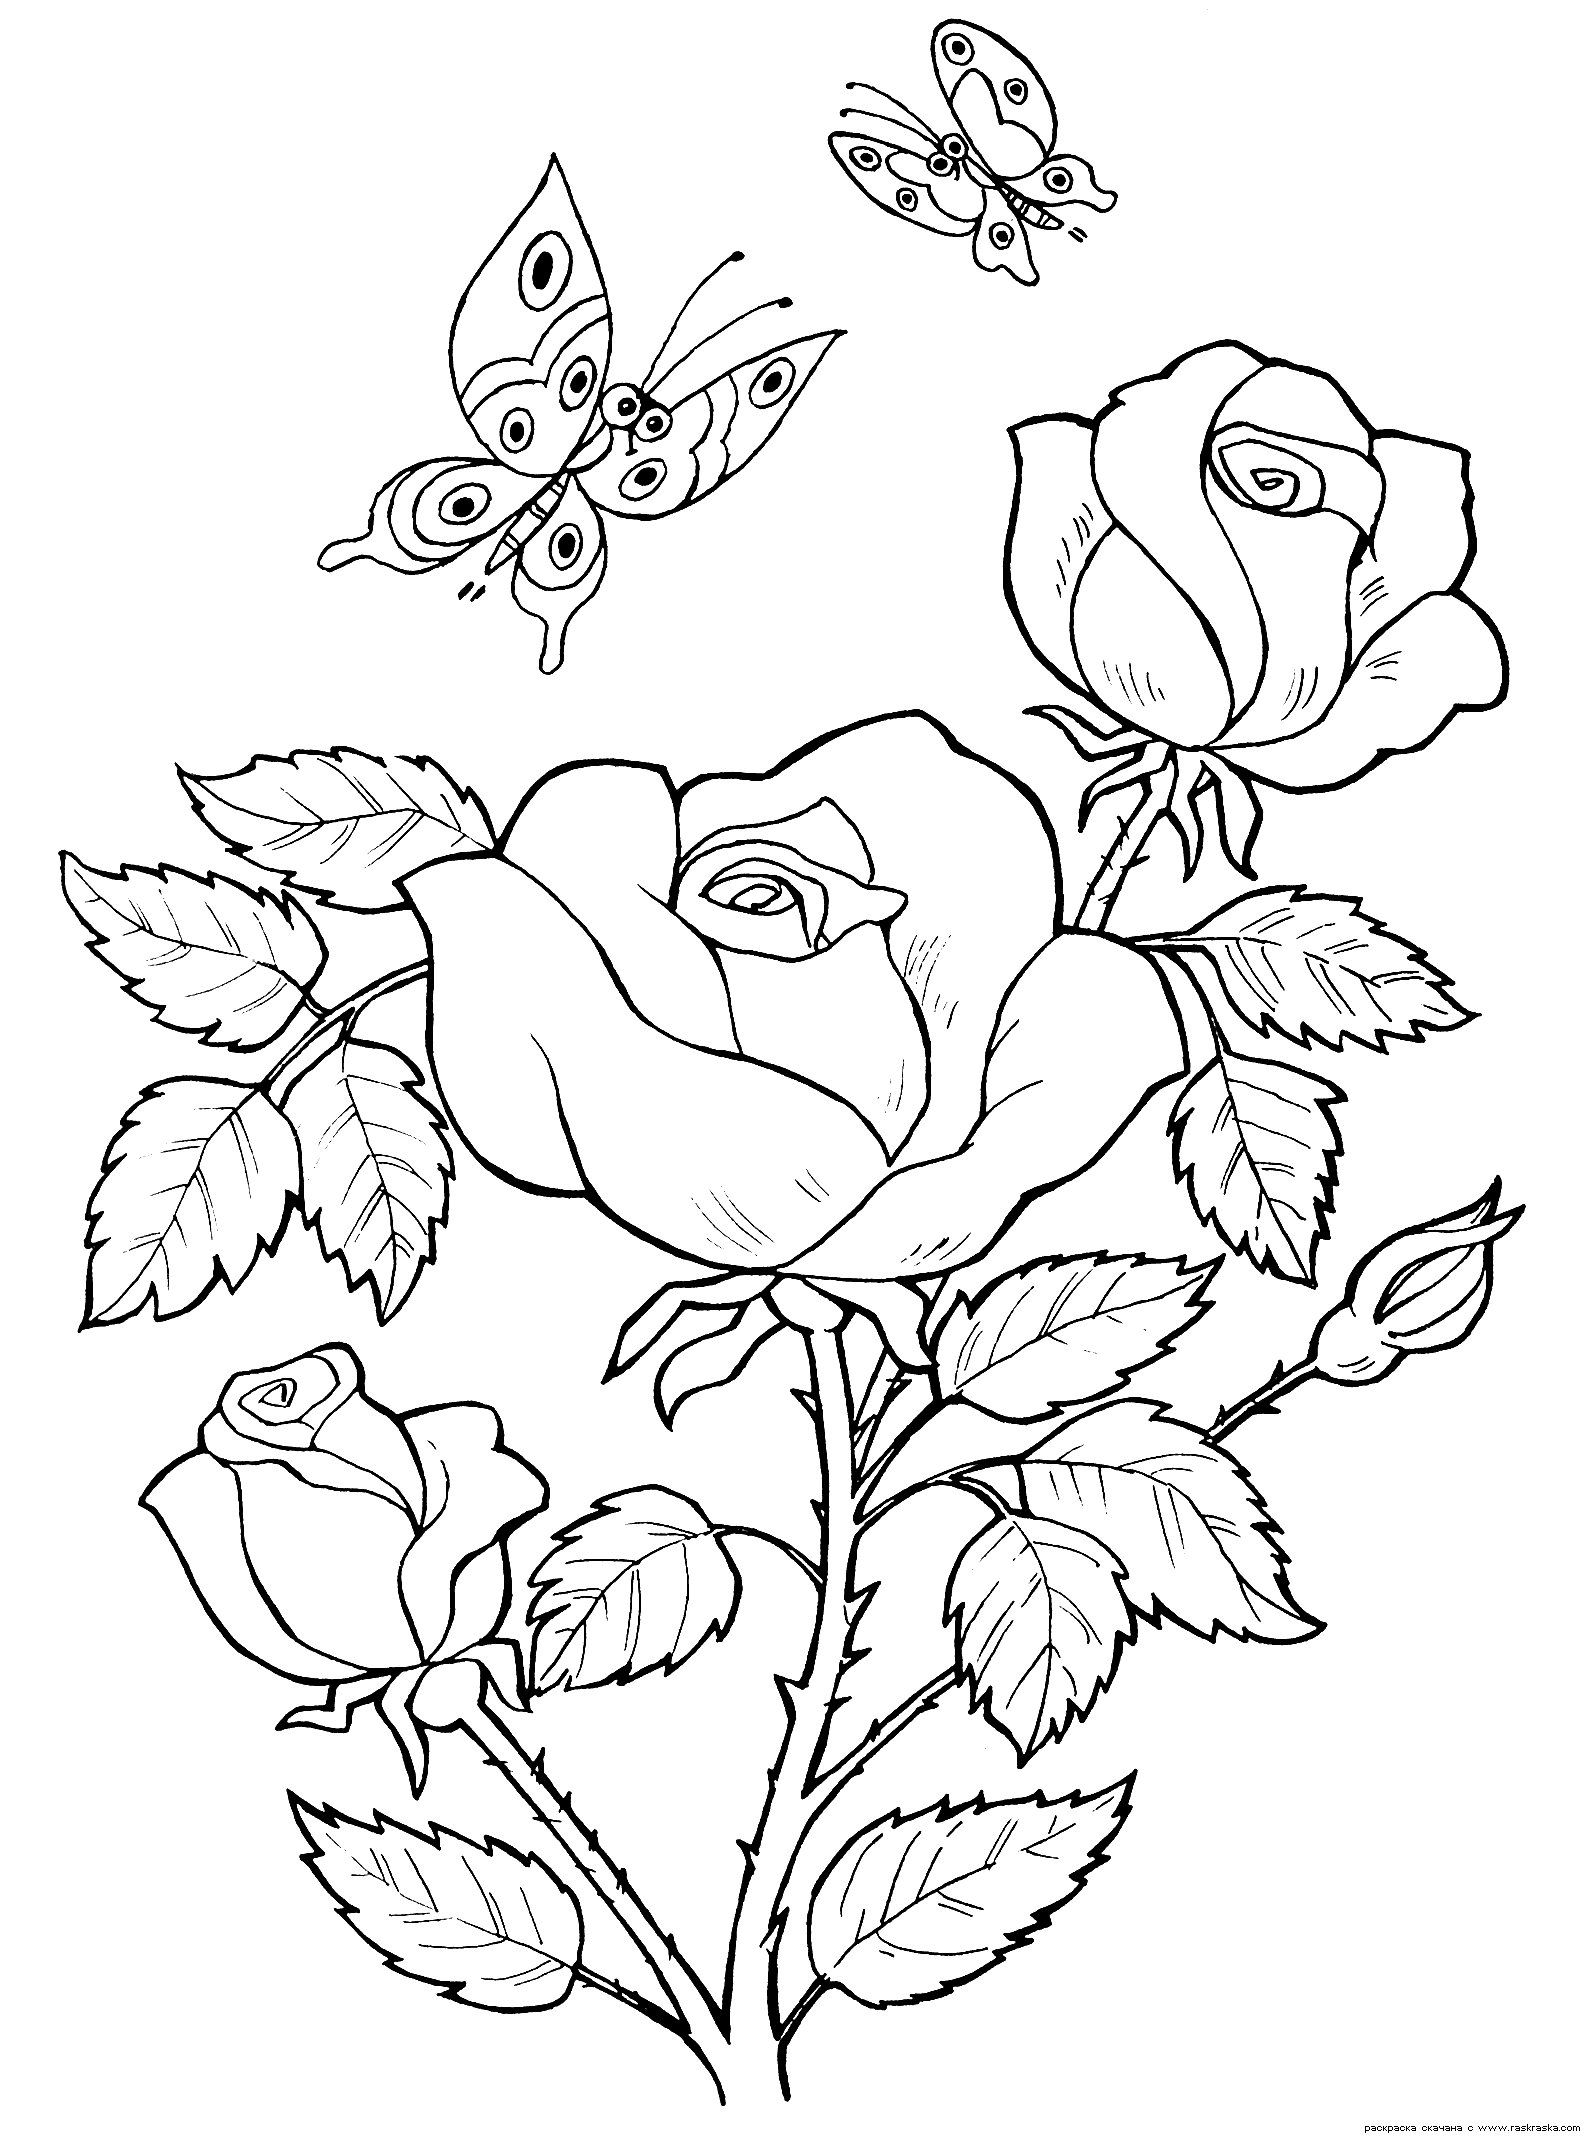 Färben von Blumen, Pflanzen, Natur, Kinder-Druck & raquo; Seite 7 ...